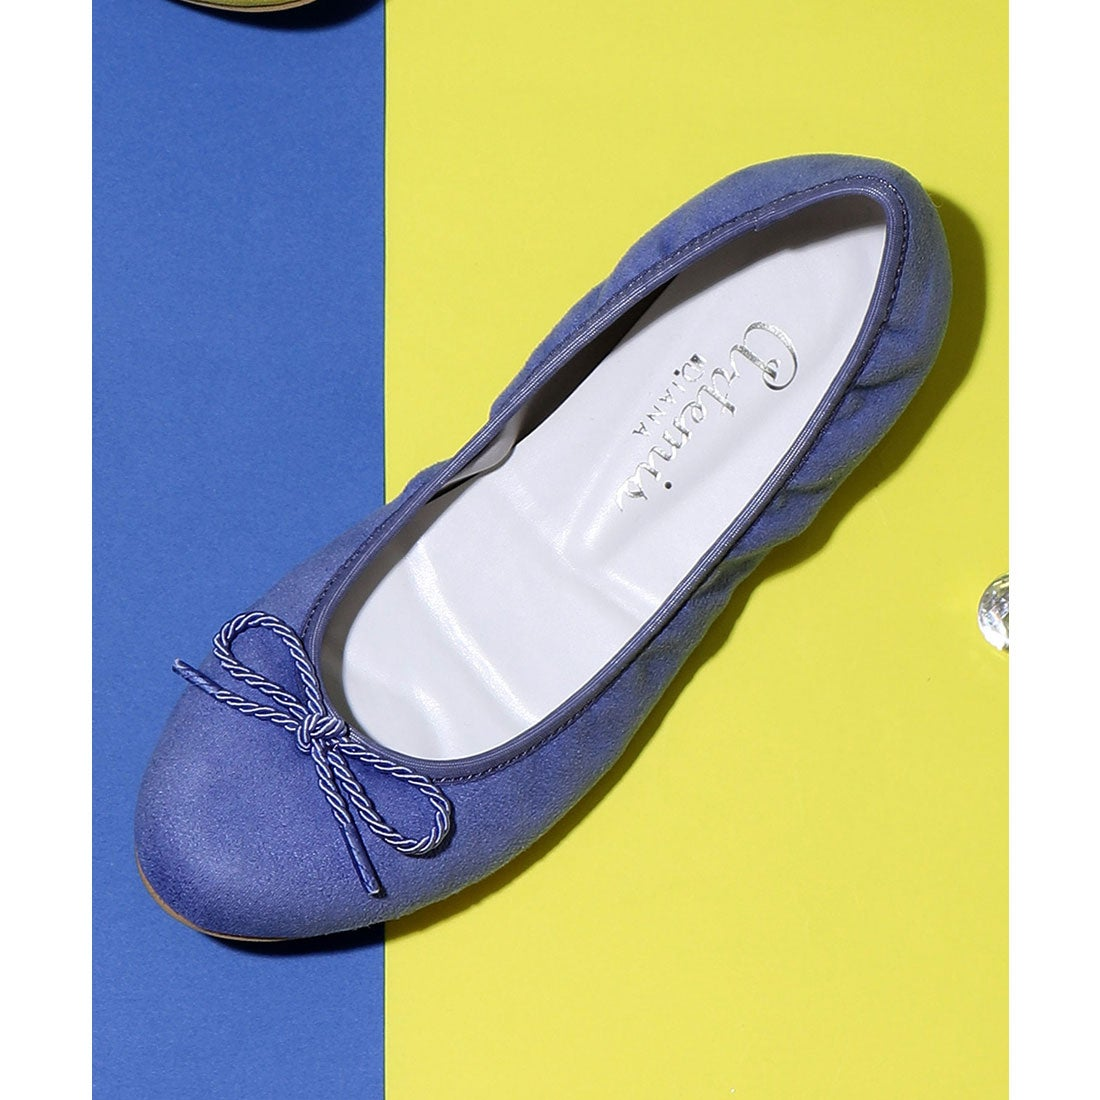 アルテミス バイ ダイアナ artemis by DIANA 【100g 超軽量】ラウンドトゥバレエシューズ (ブルー合皮スエード)